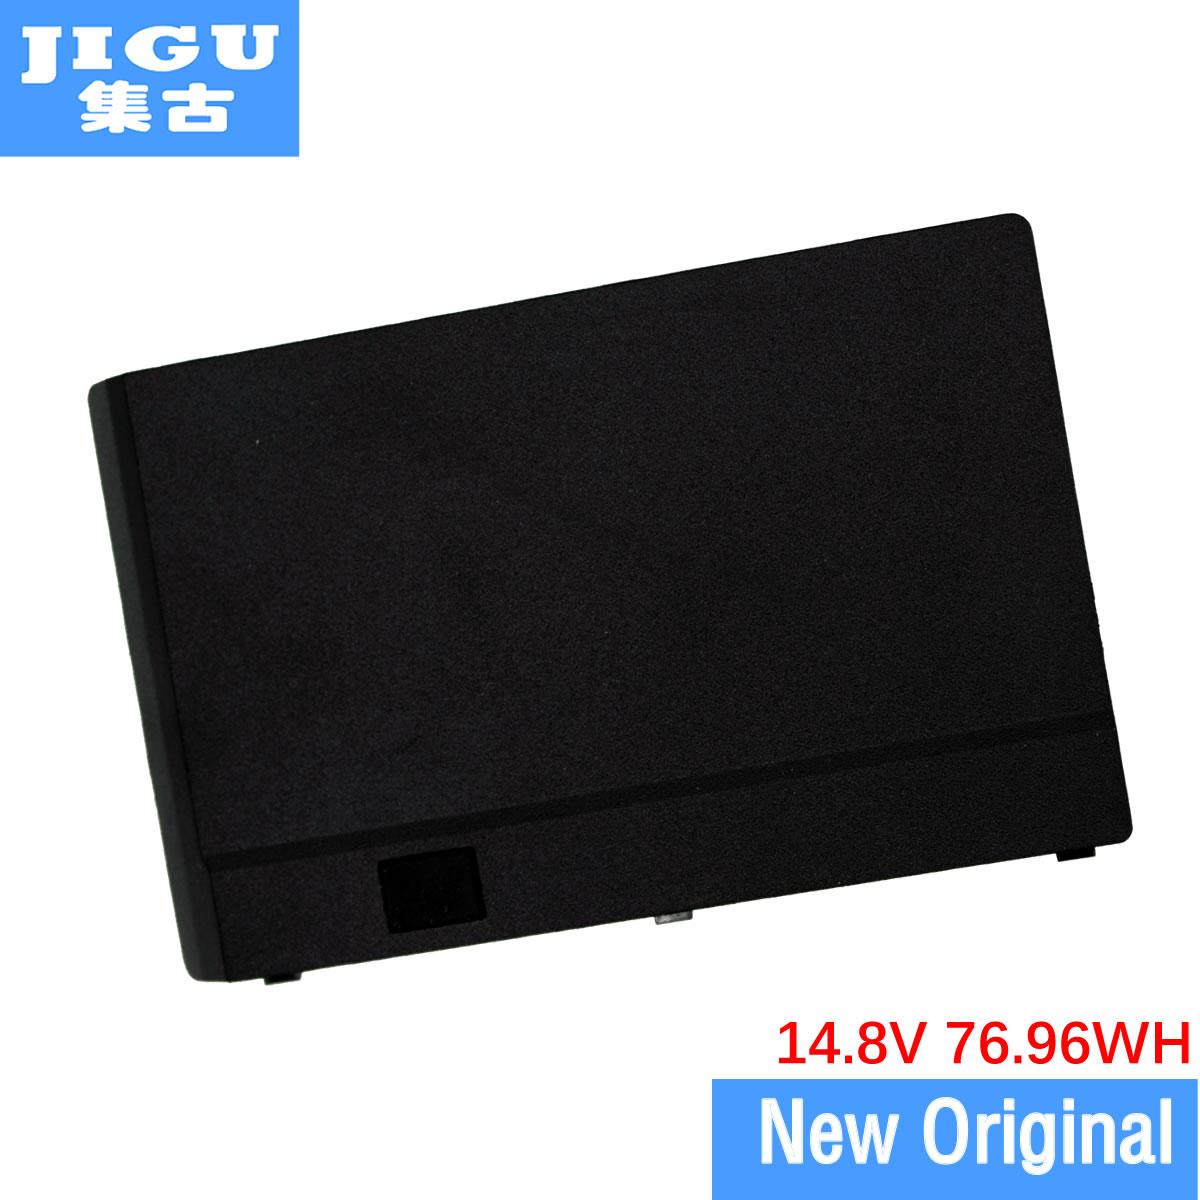 JIGU 5200mAh W370bat-8 battery for Clevo W350et W350etq W370et Sager Np6350 Np6370 Xmg A522 Xmg Xmg A722 6-87-w370s-4271